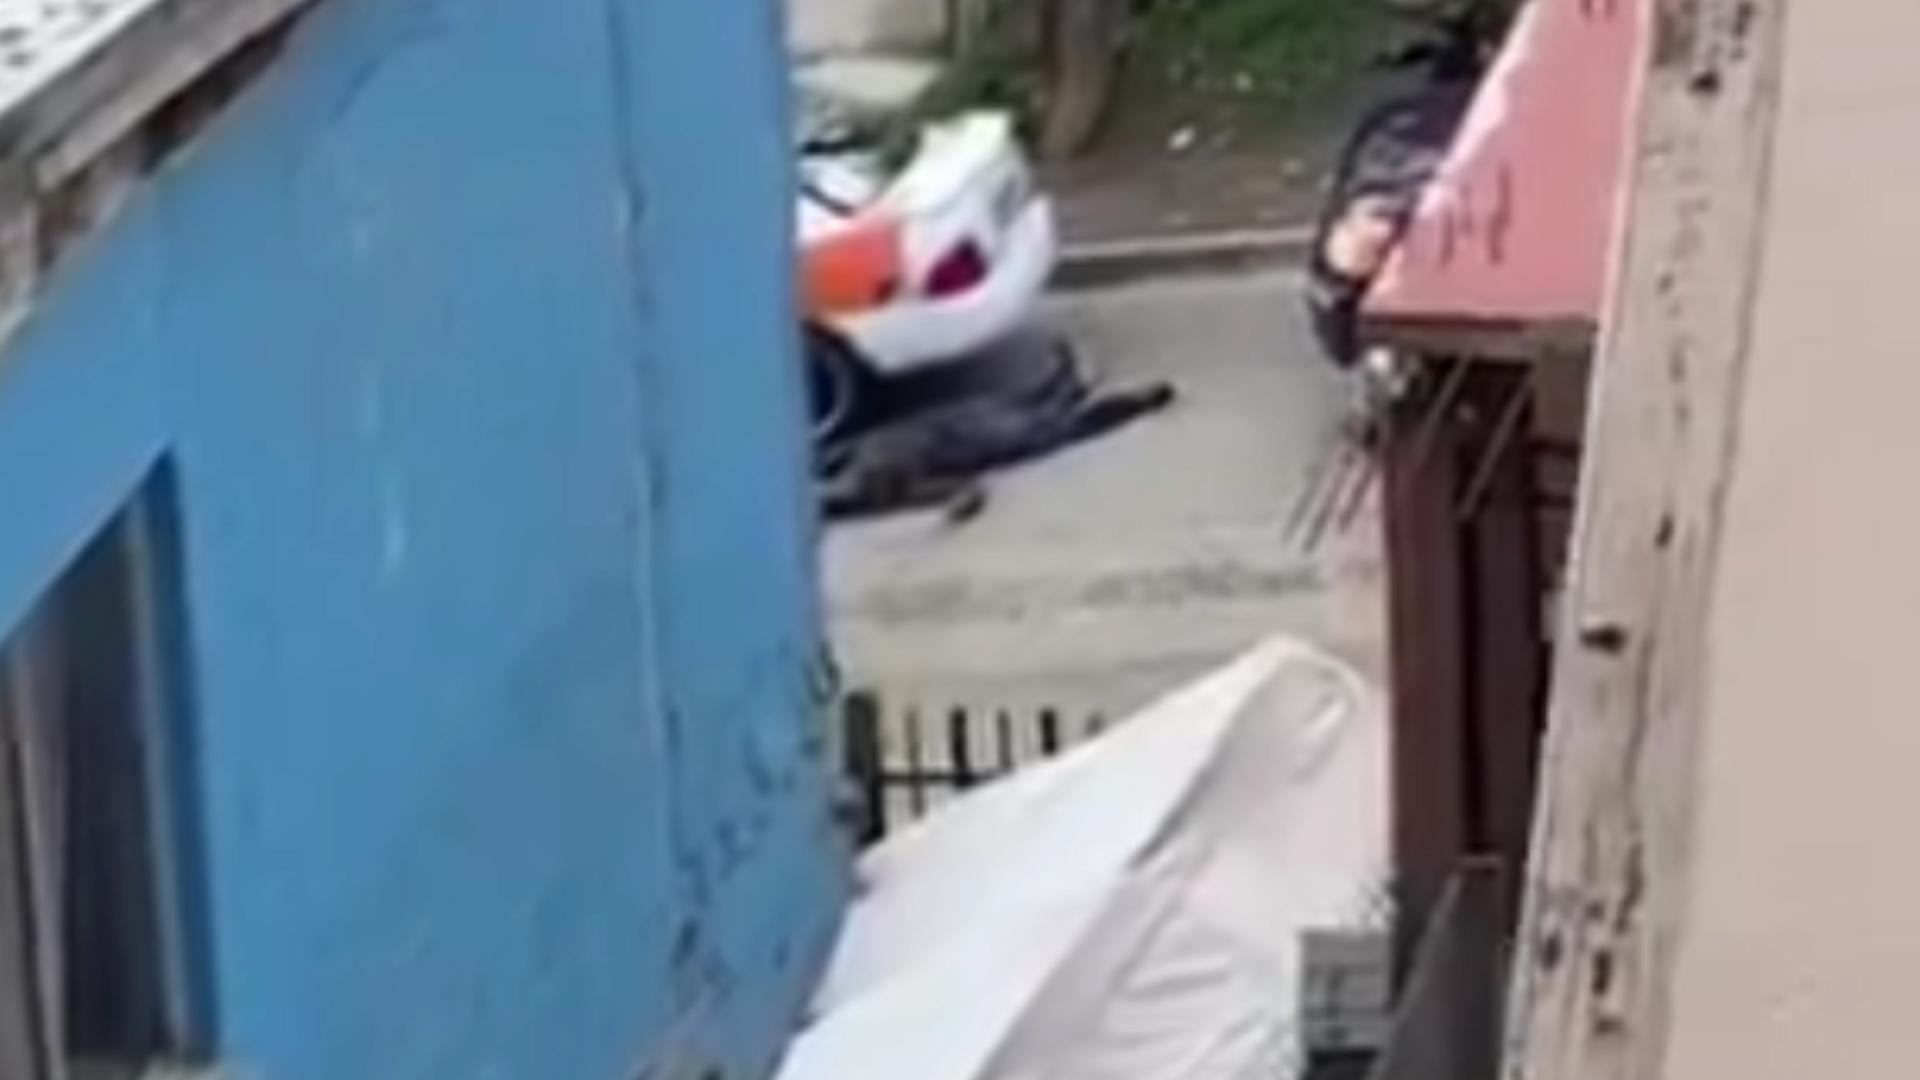 El momento en que el policía dispara contra el hombre presuntamente armado.